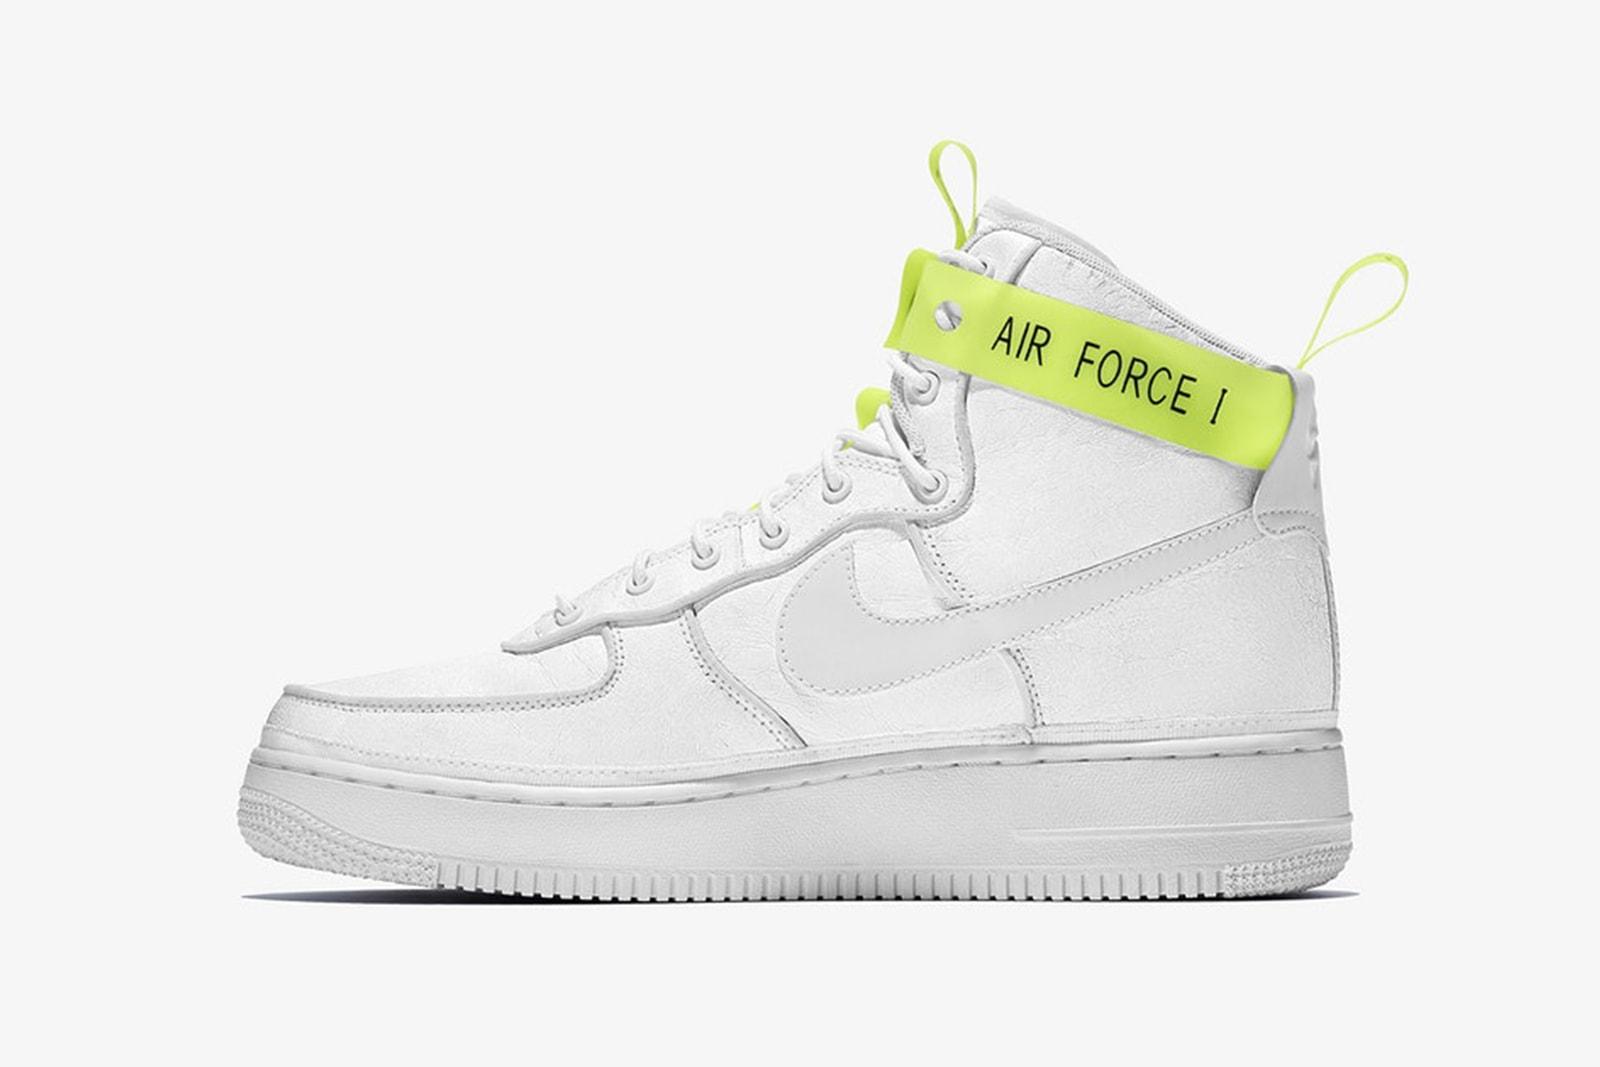 見逃したくない今週のリリースアイテム 7 選(2018|2/5~2/11) 〈Nike〉のAir Force 1 Hi VIPや〈Sasquatchfabrix. 〉x〈BRAIN DEAD〉、〈Palace〉2018年春コレクションなど完売必至のアイテムが満を持して登場